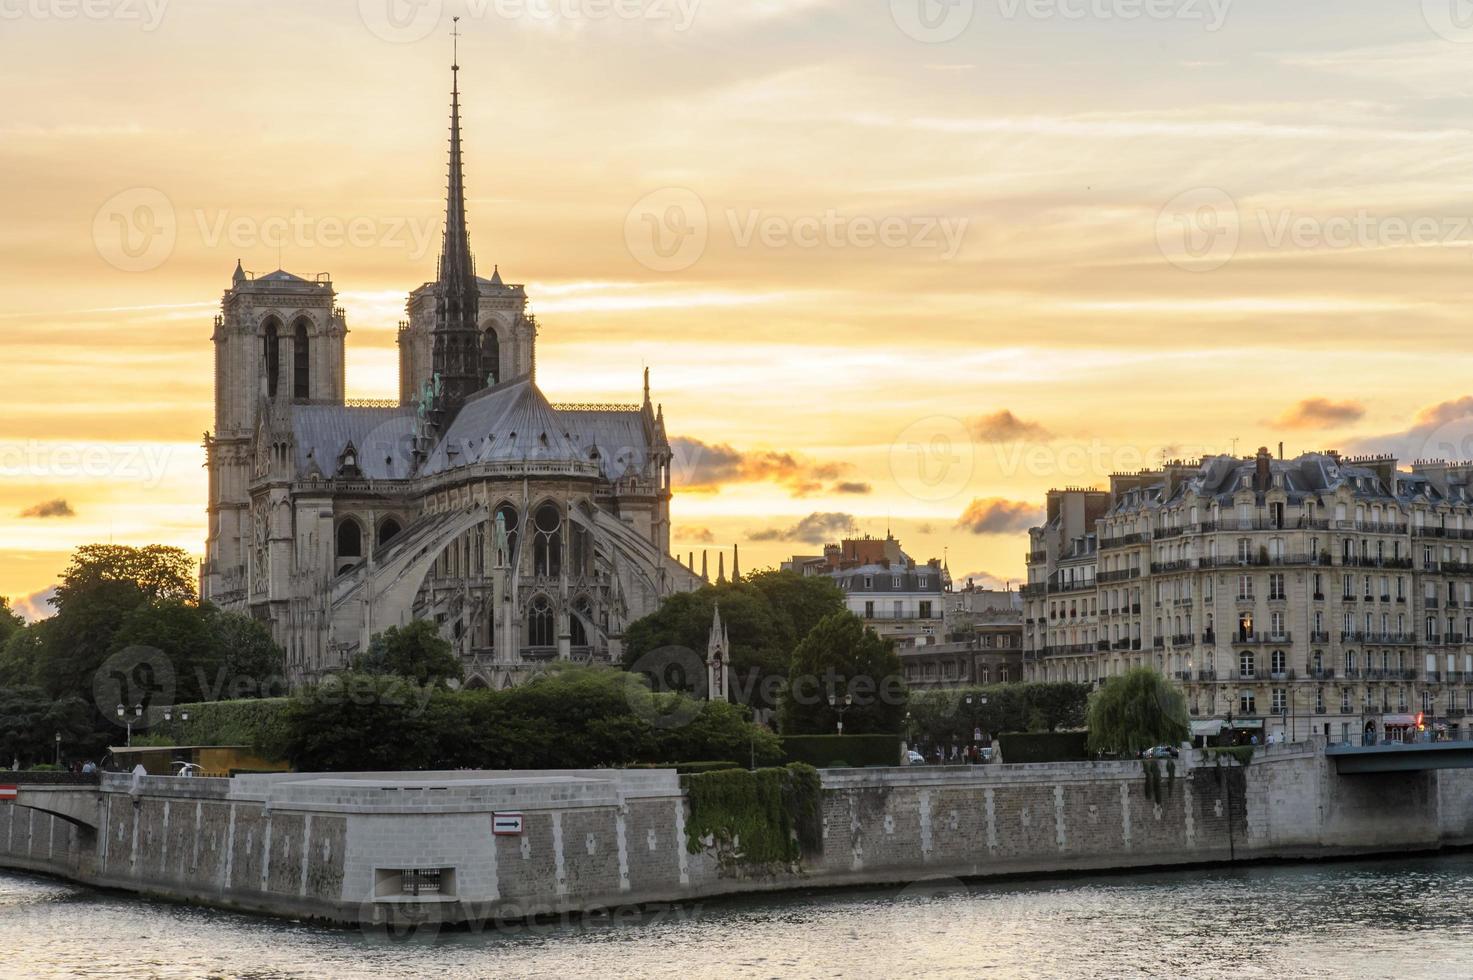 nacht uitzicht op de Notre Dame de Paris kathedraal foto